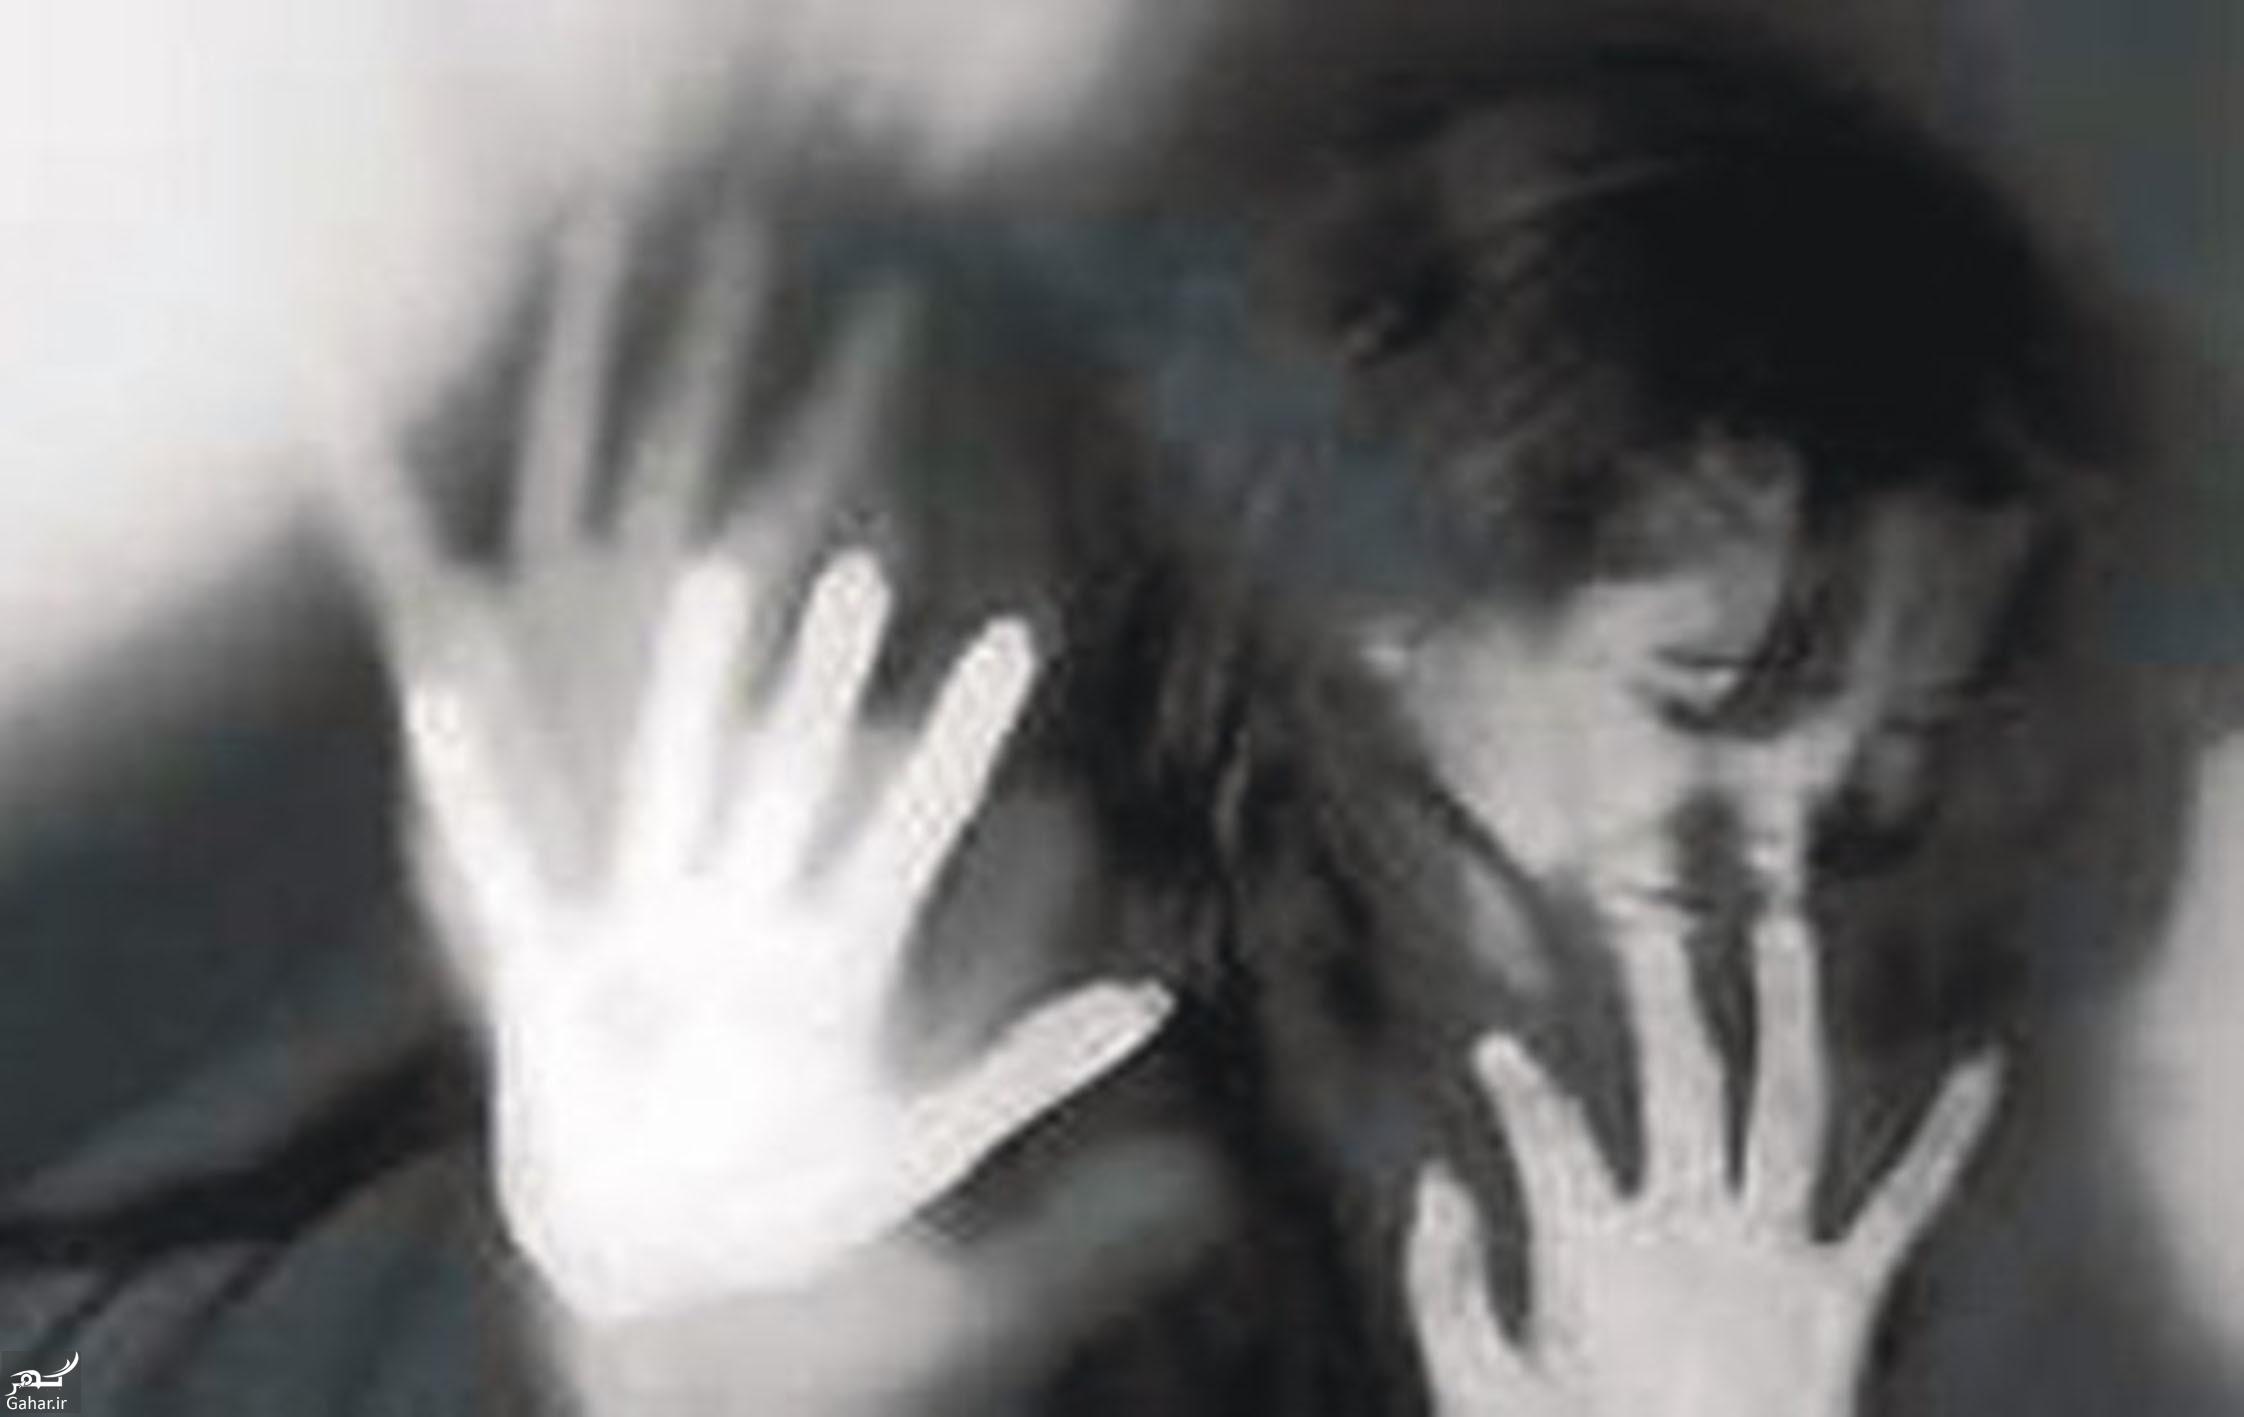 جزییات خبر تجاوز وحشیانه ۴ مرد به زن ۲۳ ساله در شهرک قدس, جدید 1400 -گهر